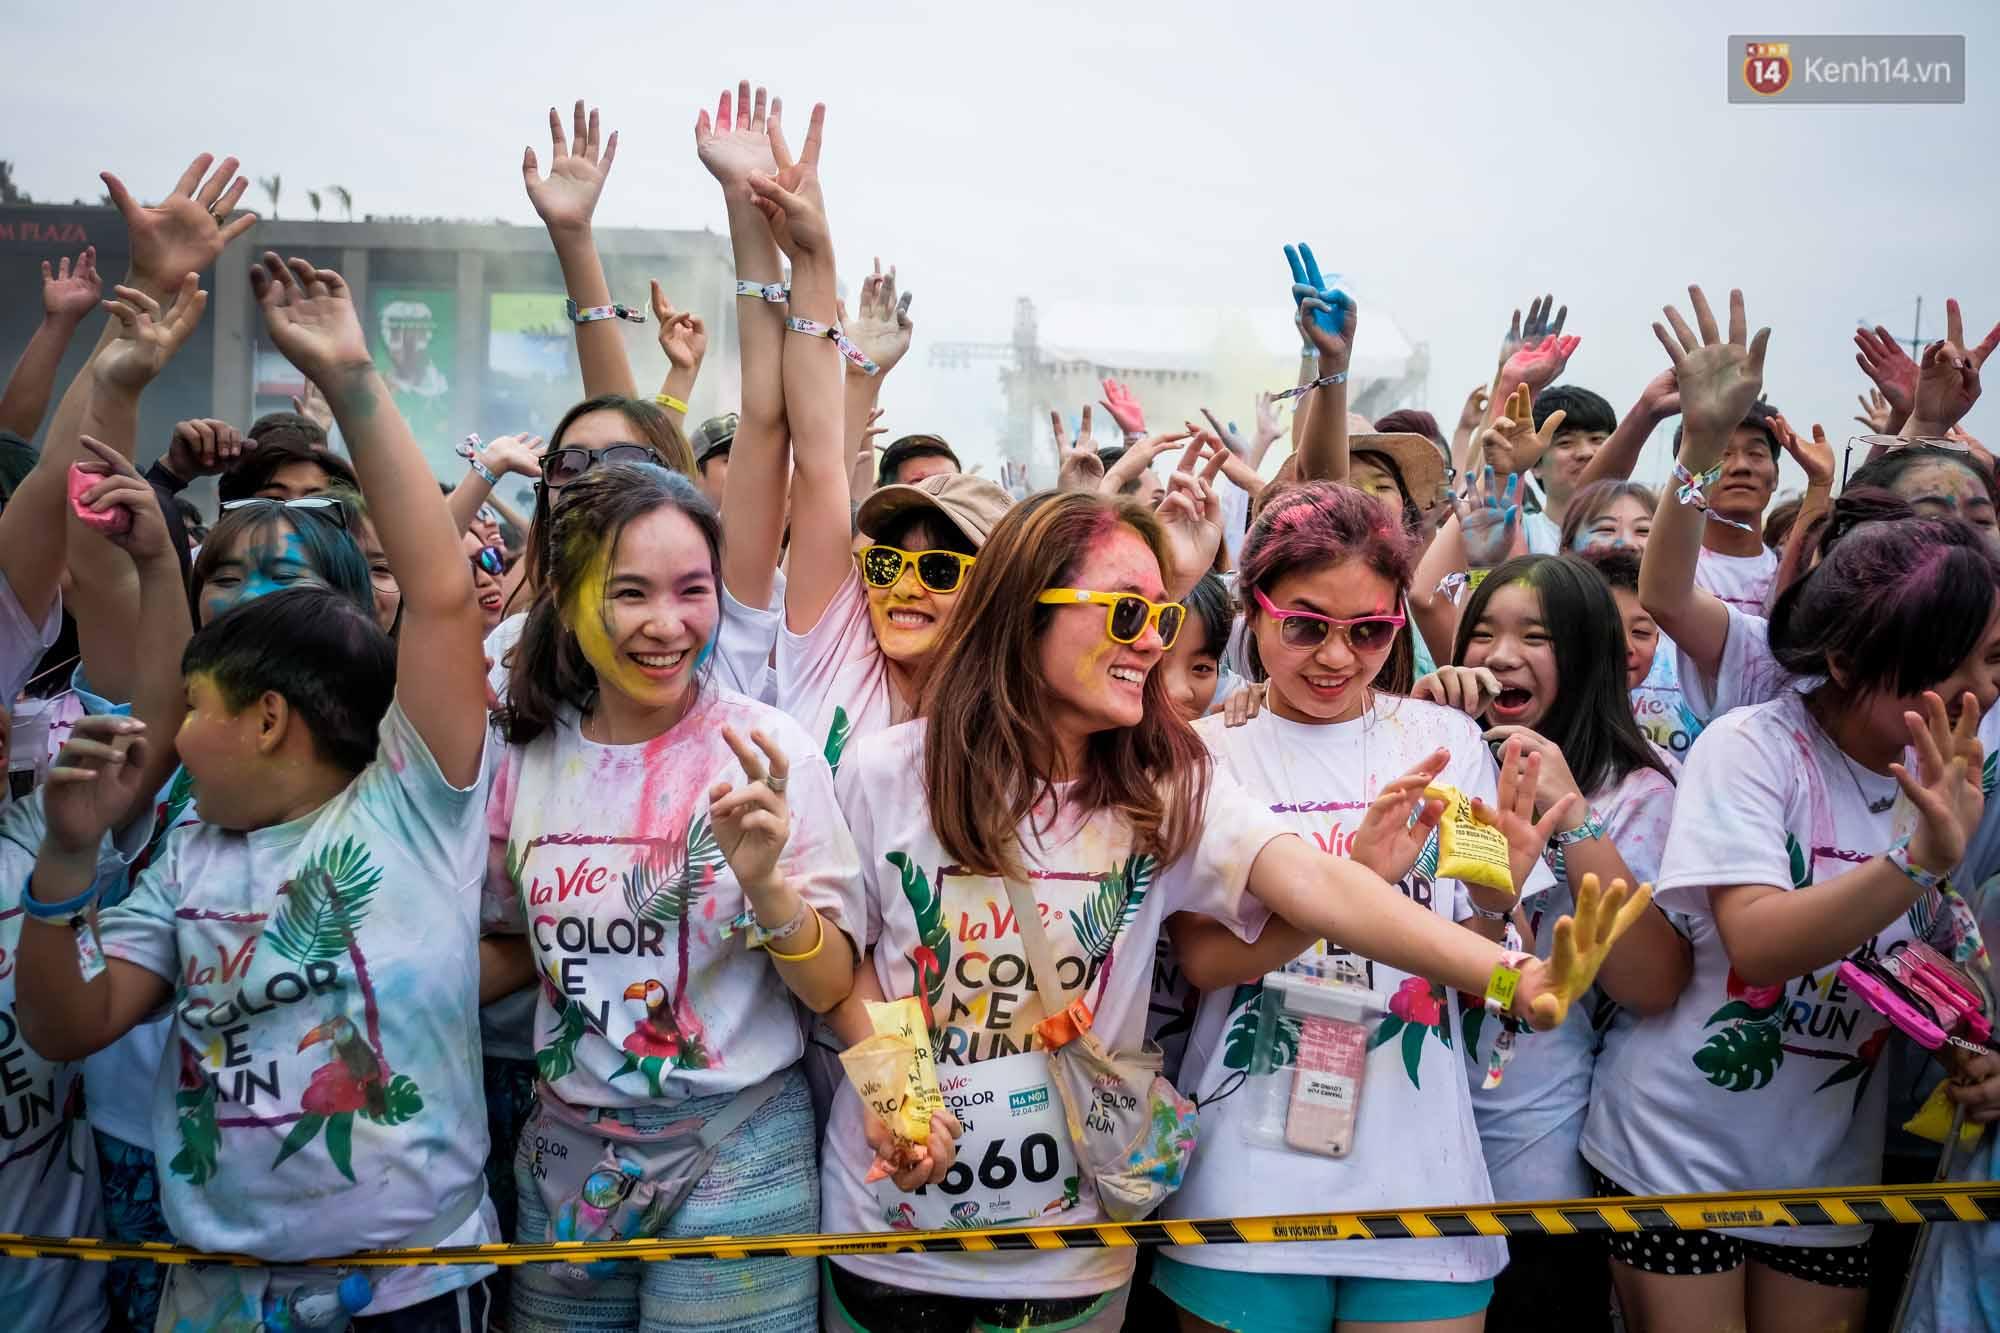 Những khoảnh khắc chứng minh đi Color Me Run lúc nào cũng vui và được quẩy hết mình! - Ảnh 6.